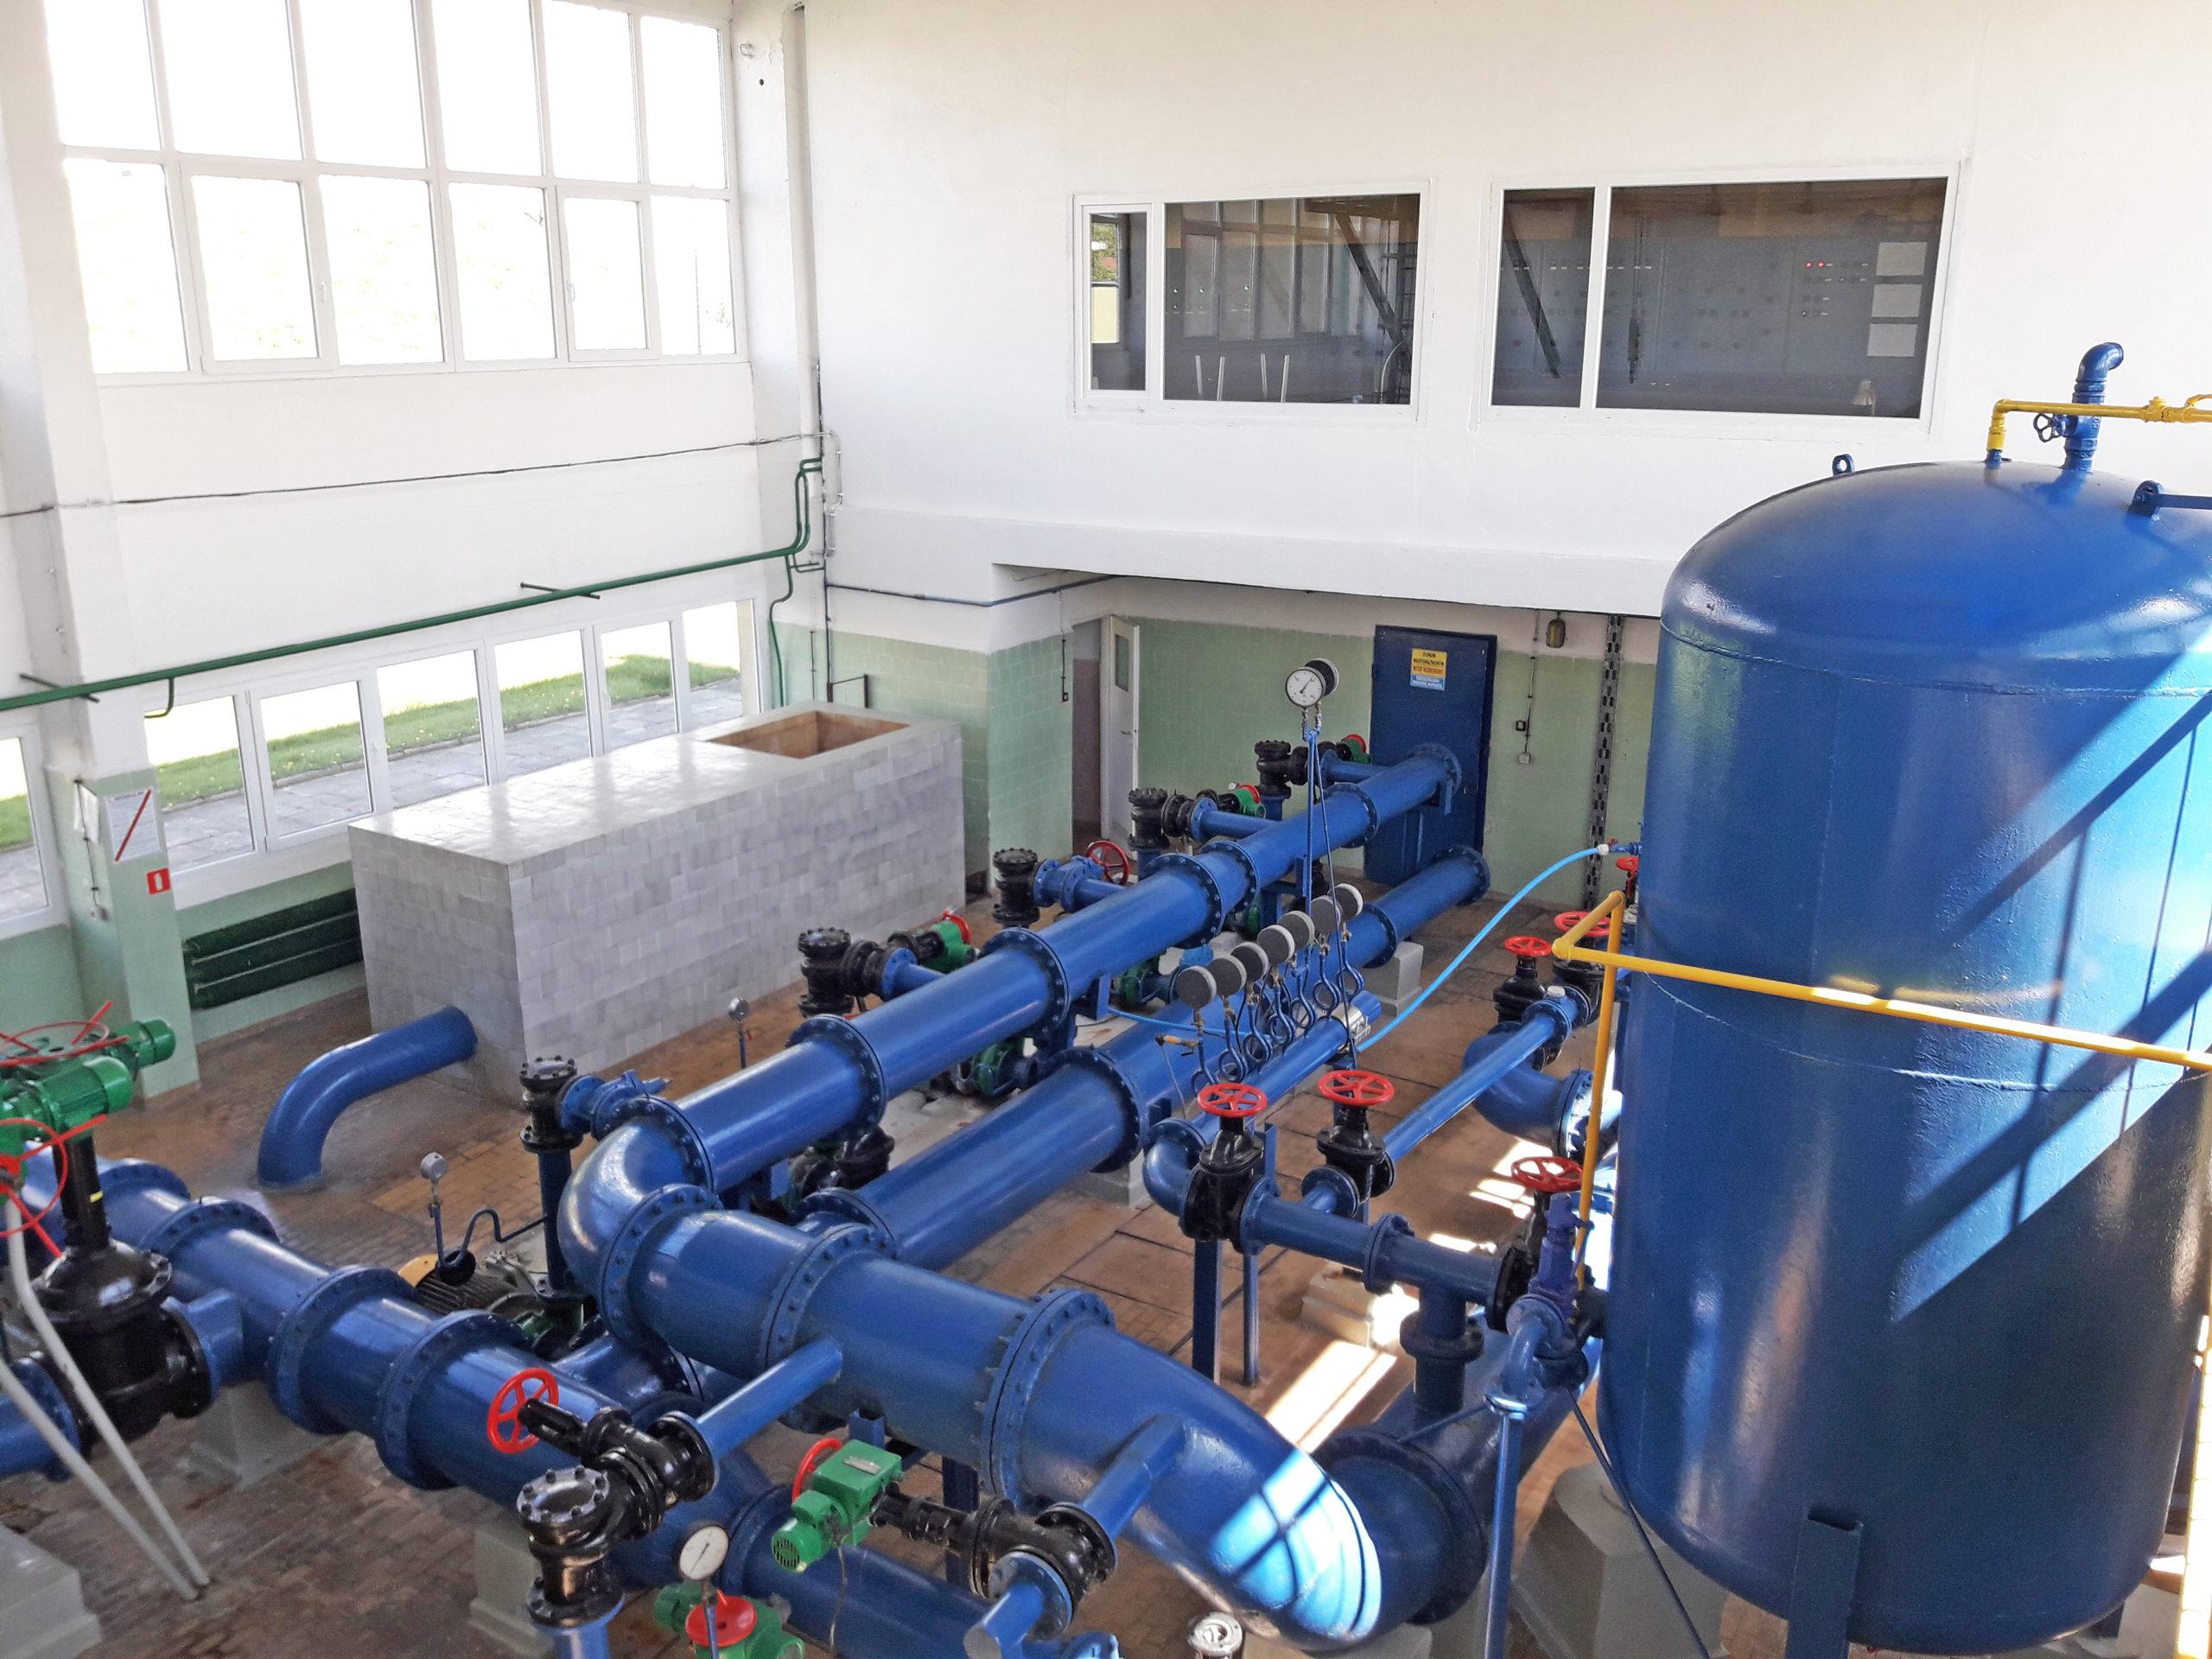 Zdjęcie - infrastruktura ZCiW. stacja uzdatniania wody wewnątrz.